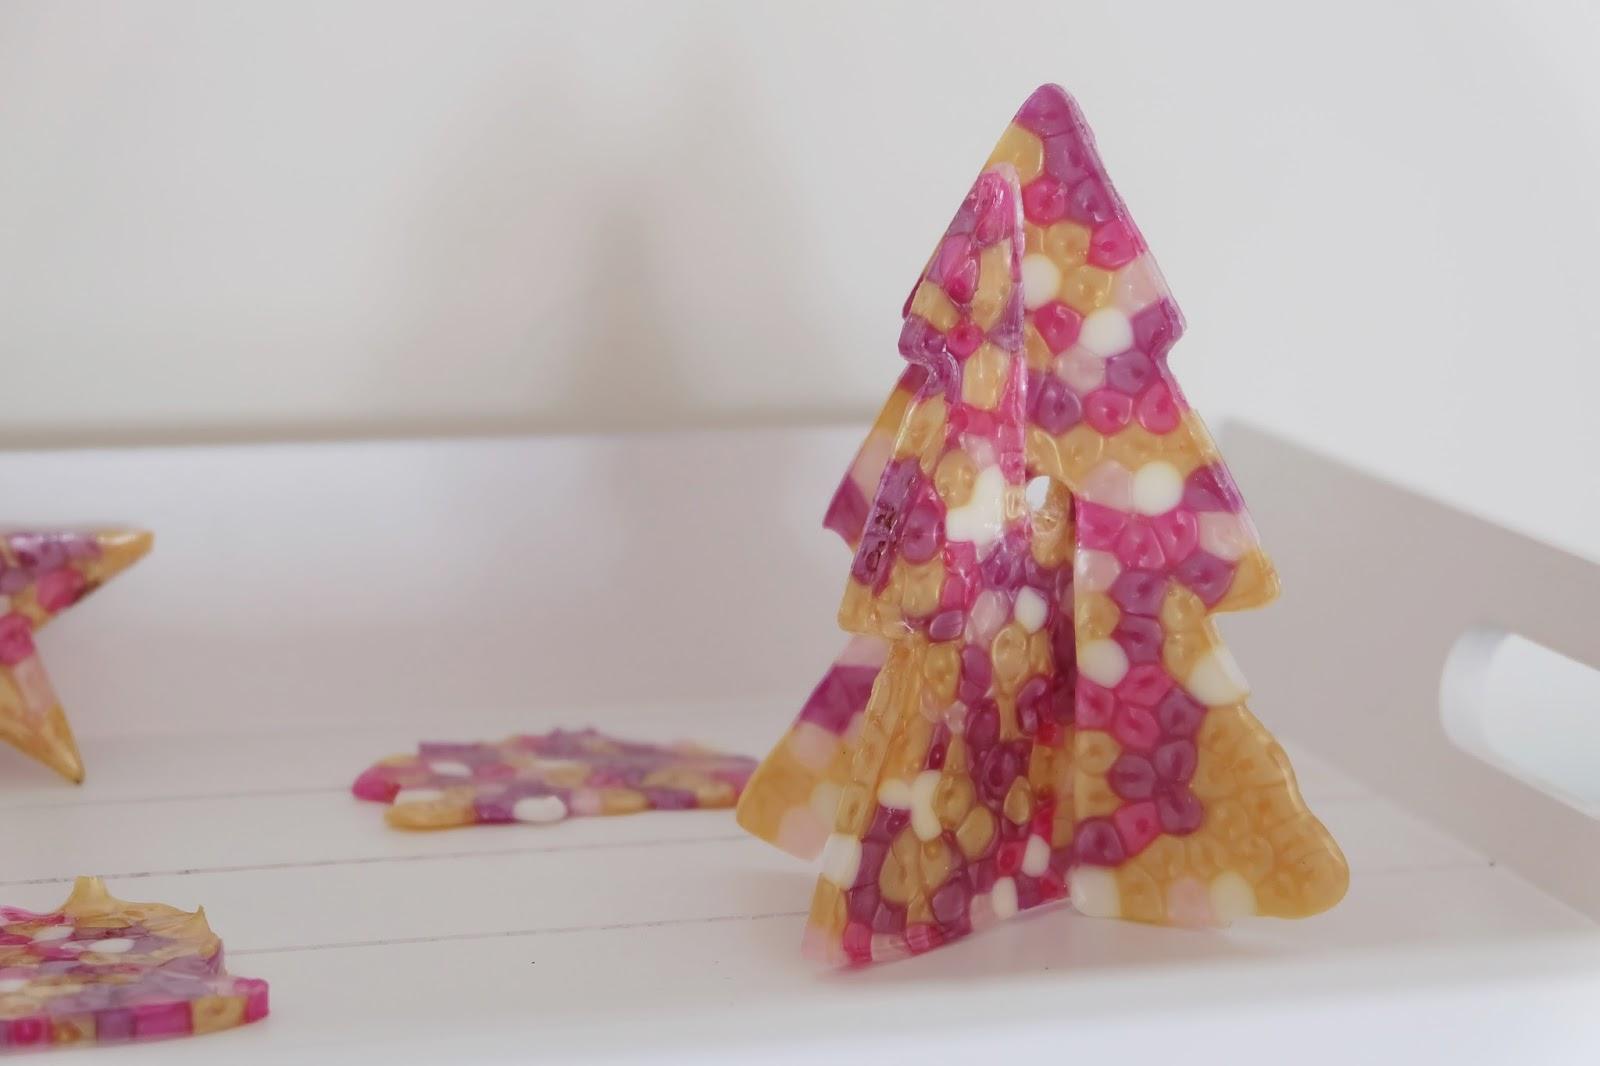 Navidad adornos diy para hacer con ni os handbox craft - Adornos de navidad para hacer con ninos ...